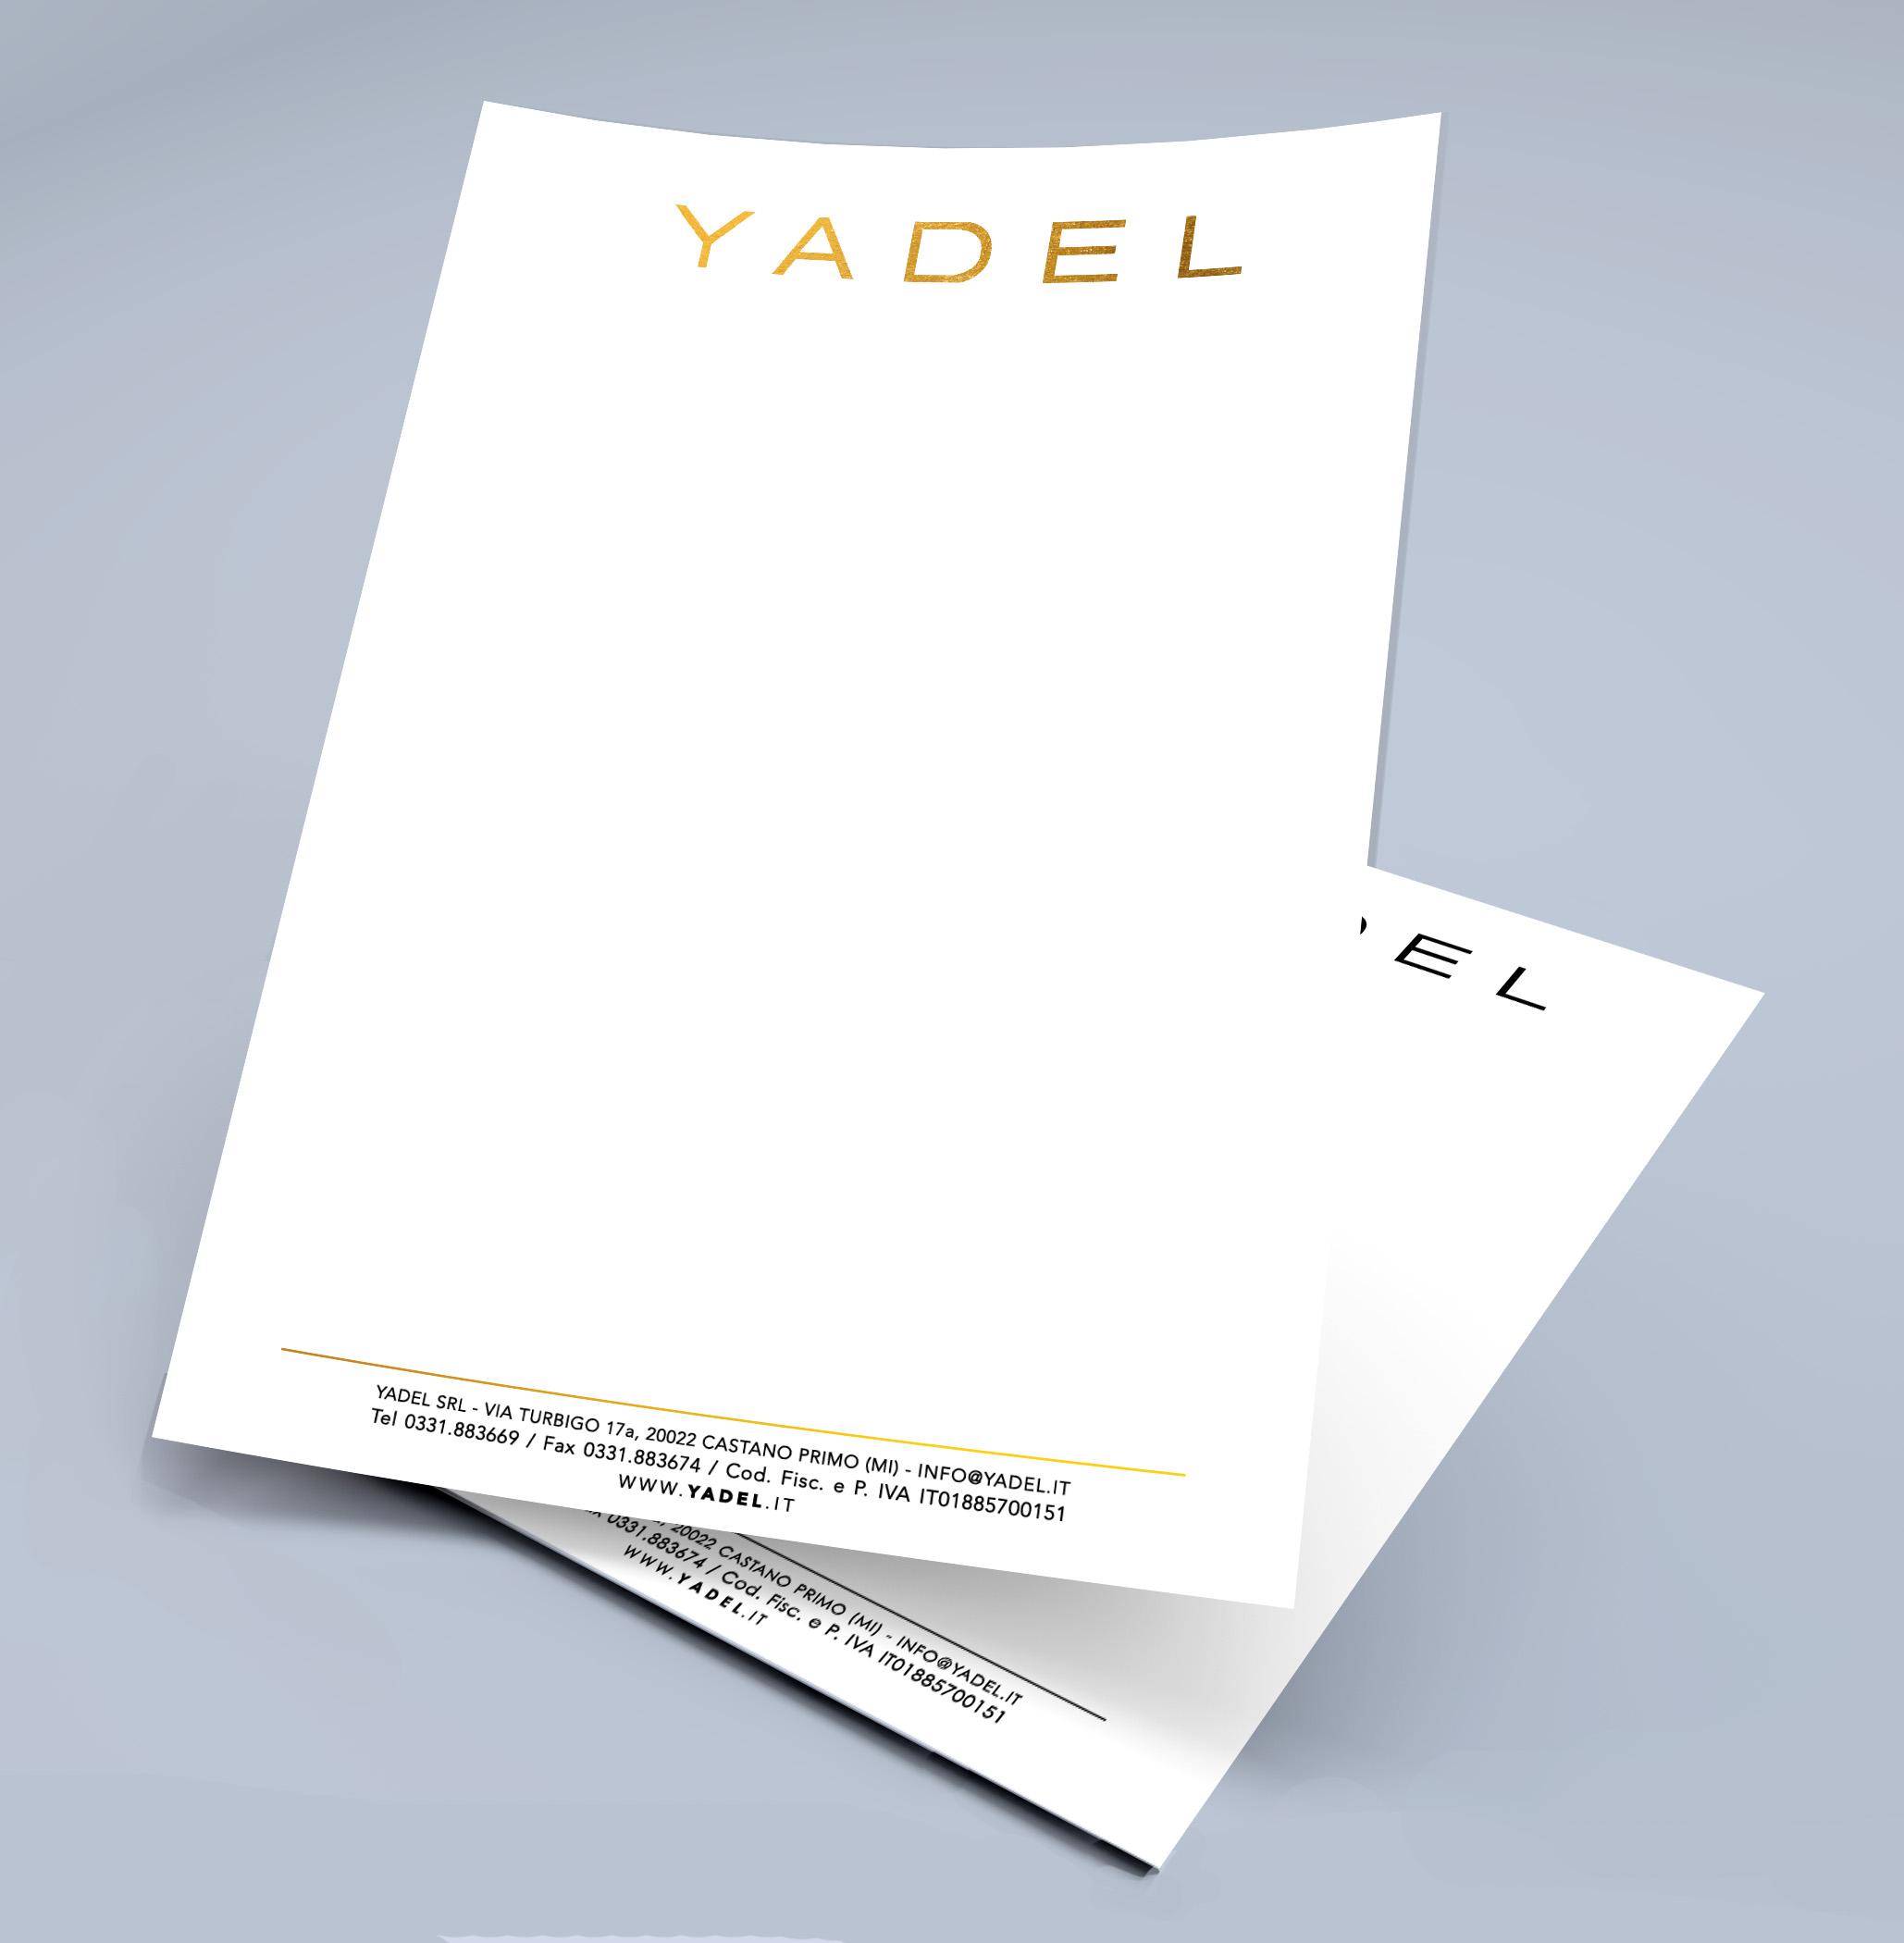 YADEL Carta intestata.jpg